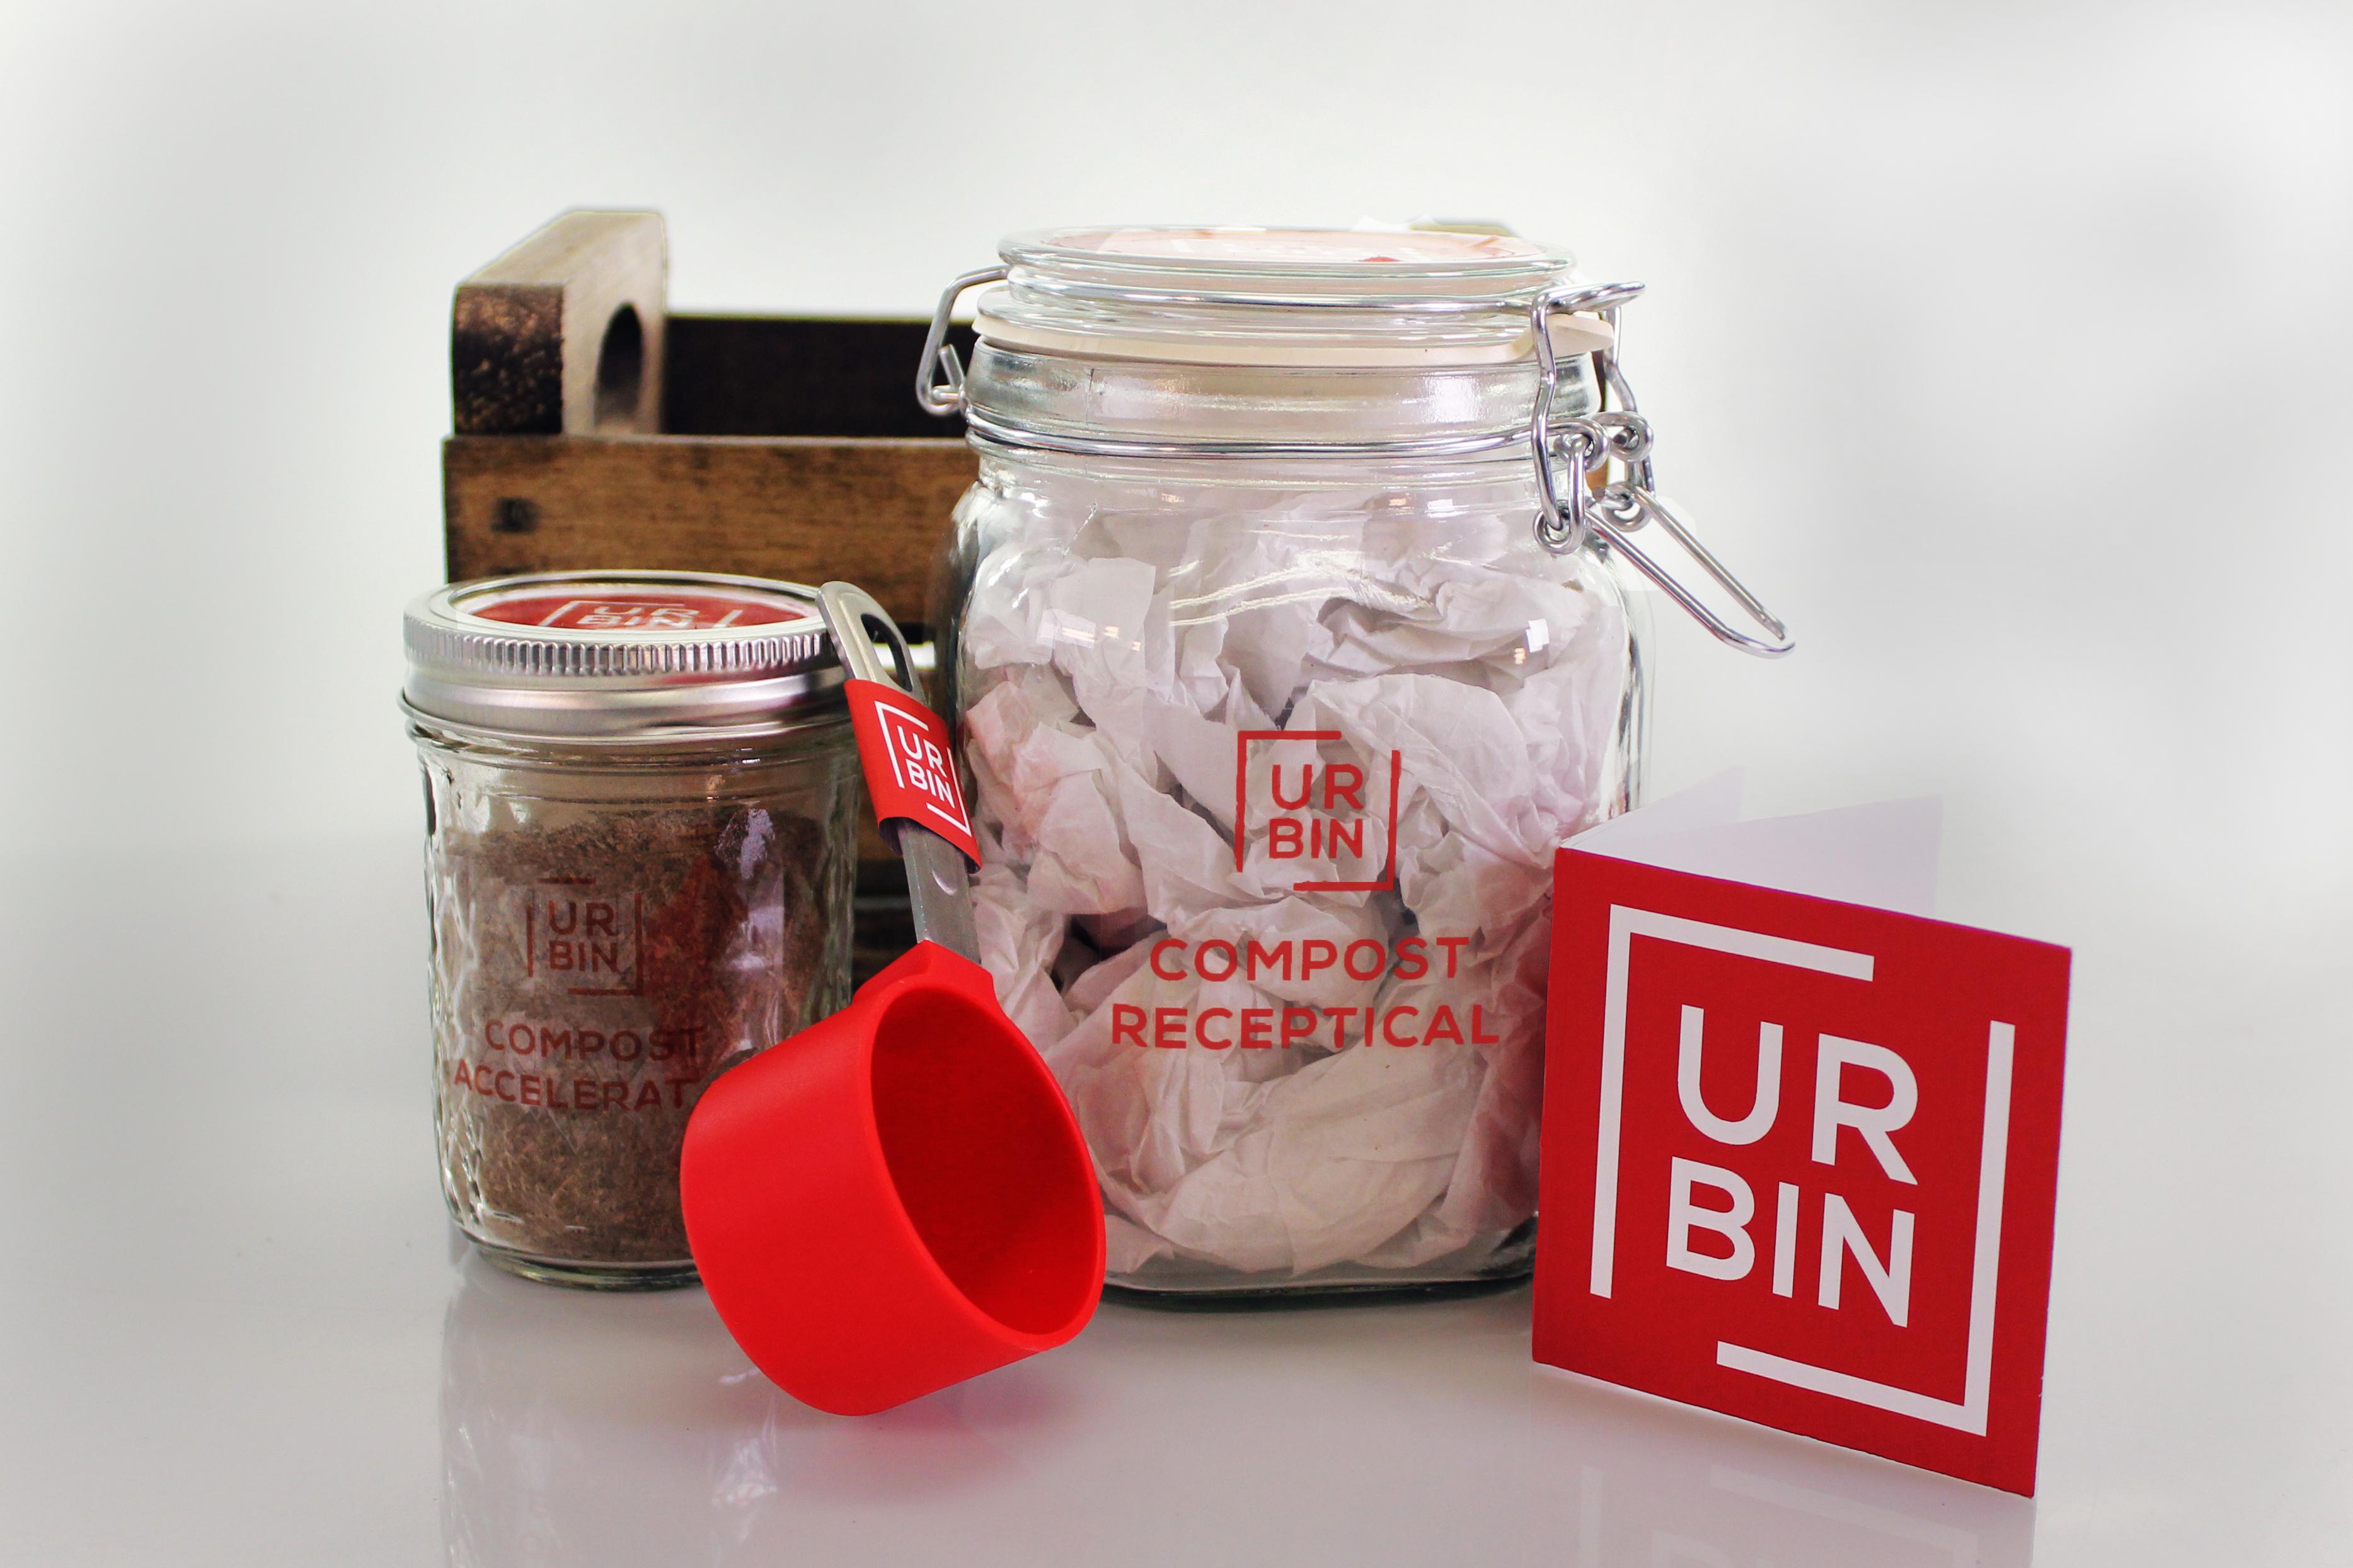 Urbin_Materials